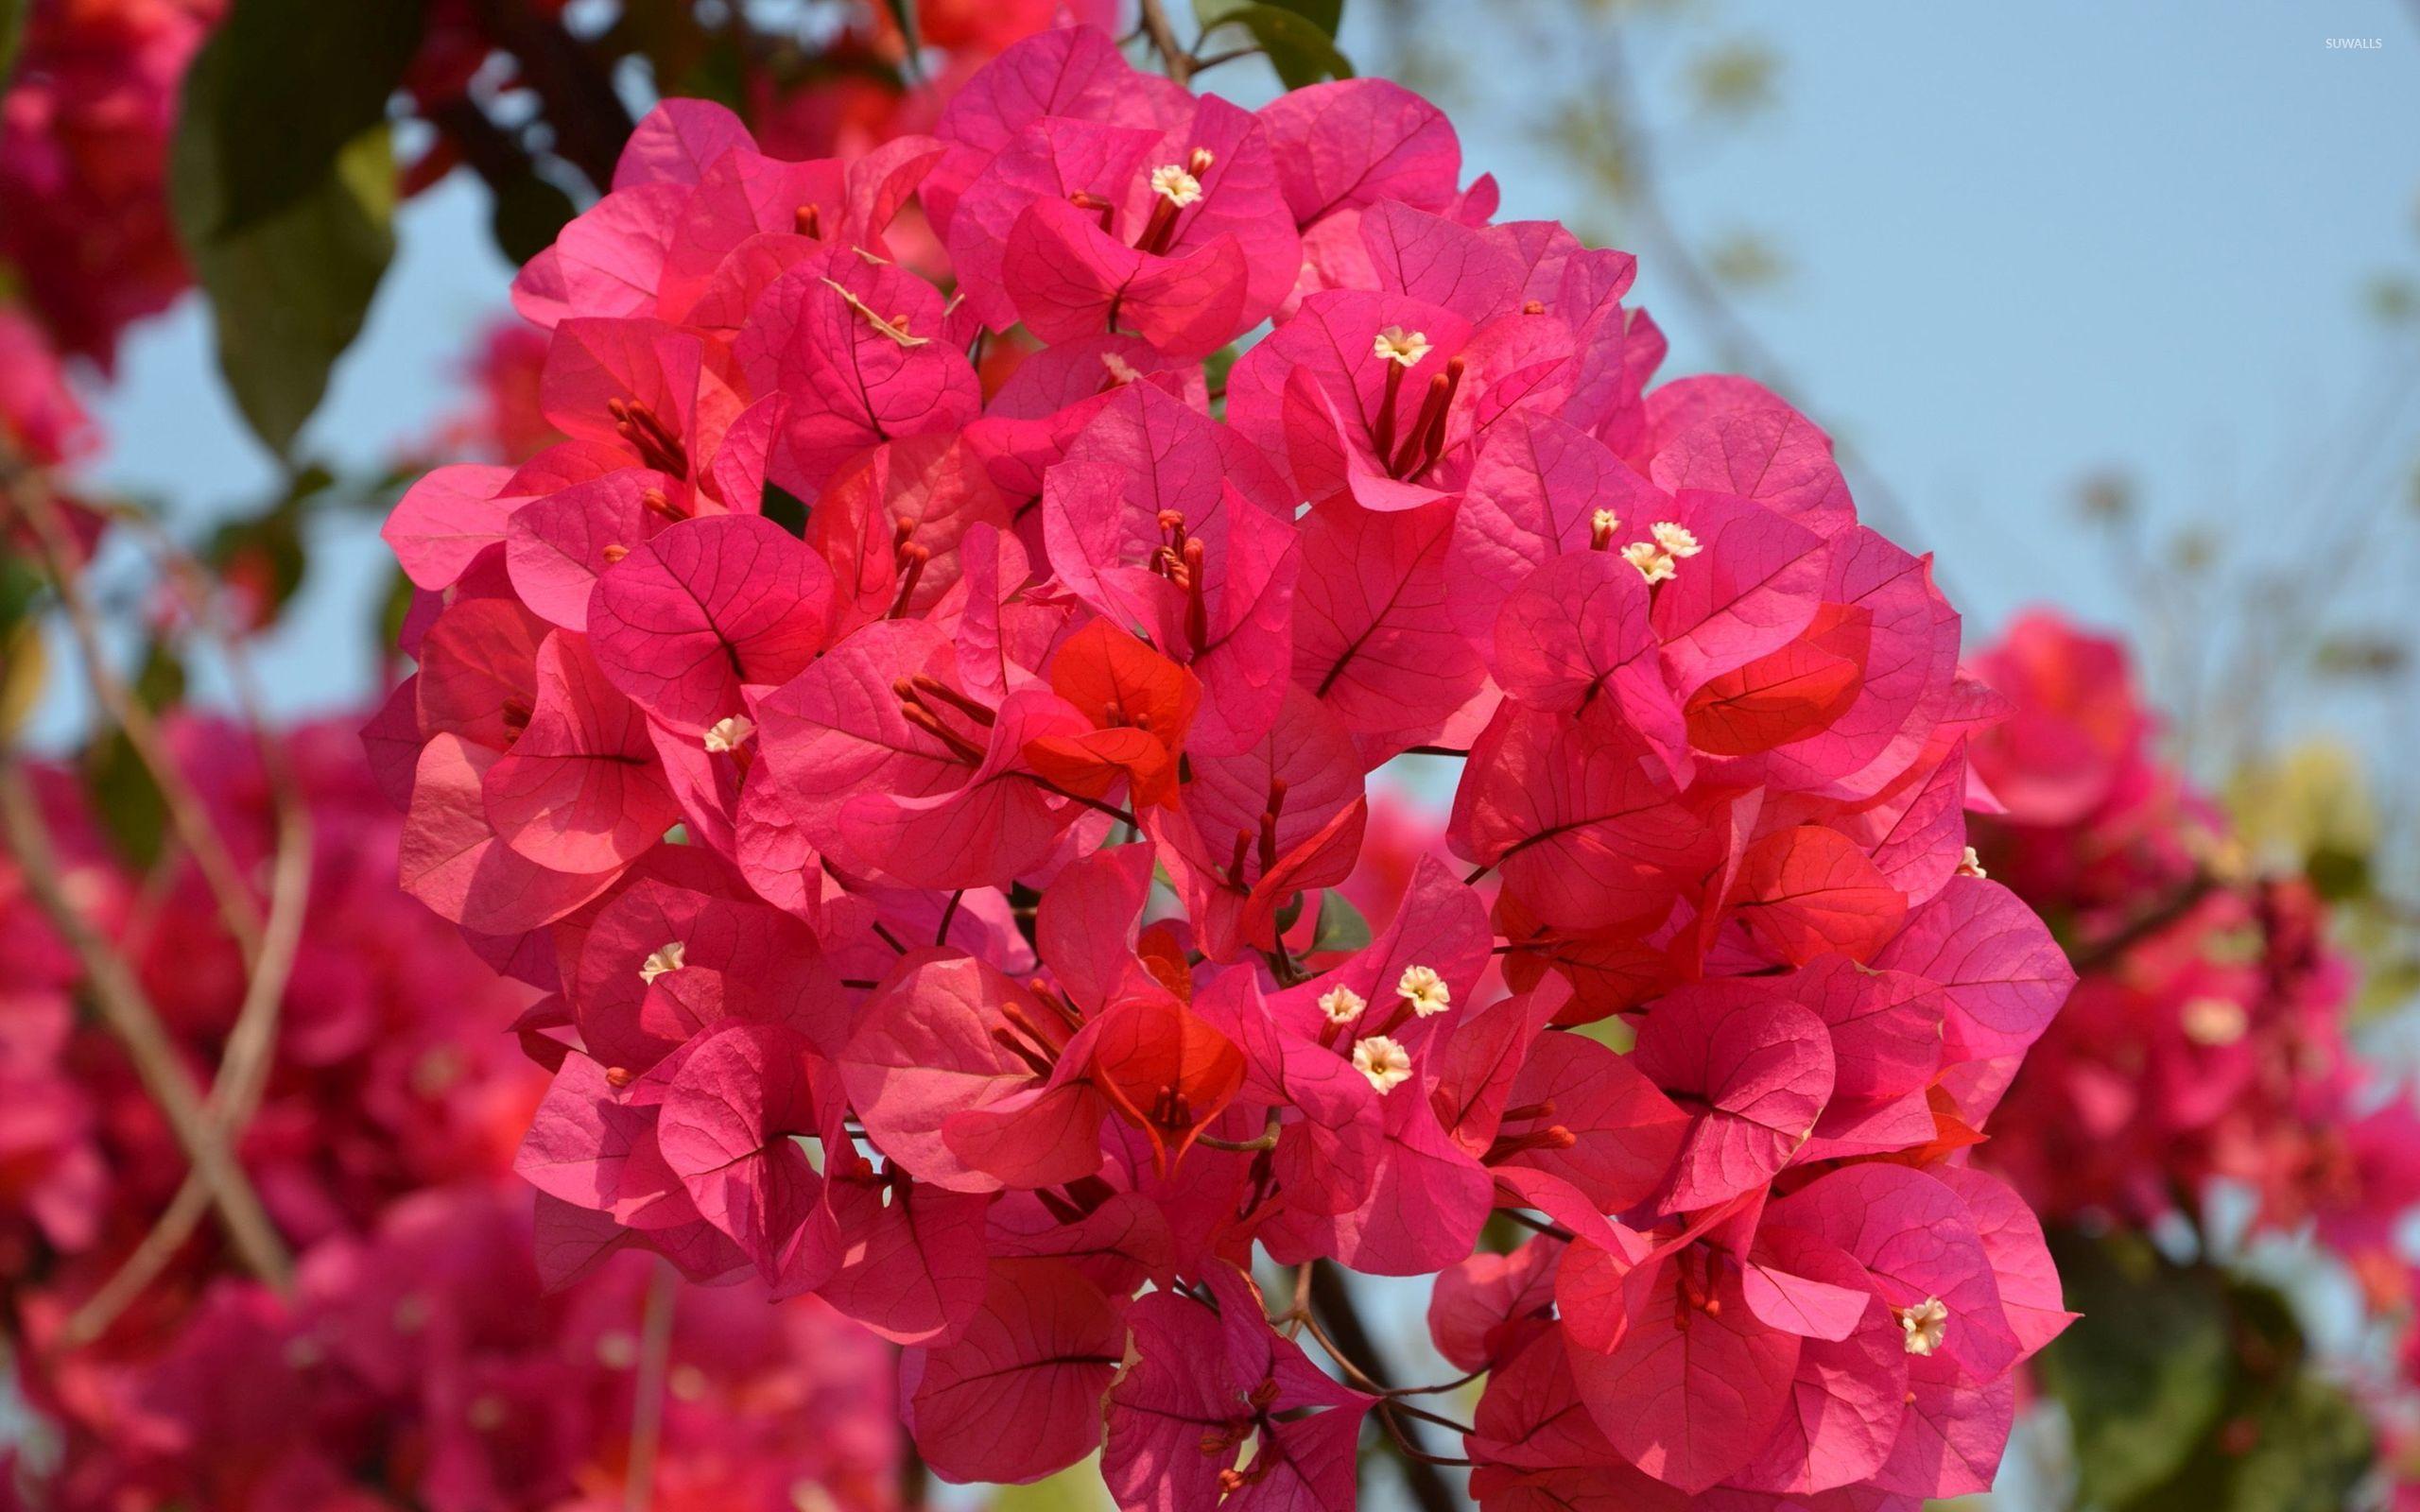 Rose Flower Garden Hd Wallpaper Red Bougainvilleas Wallpaper Flower Wallpapers 47821